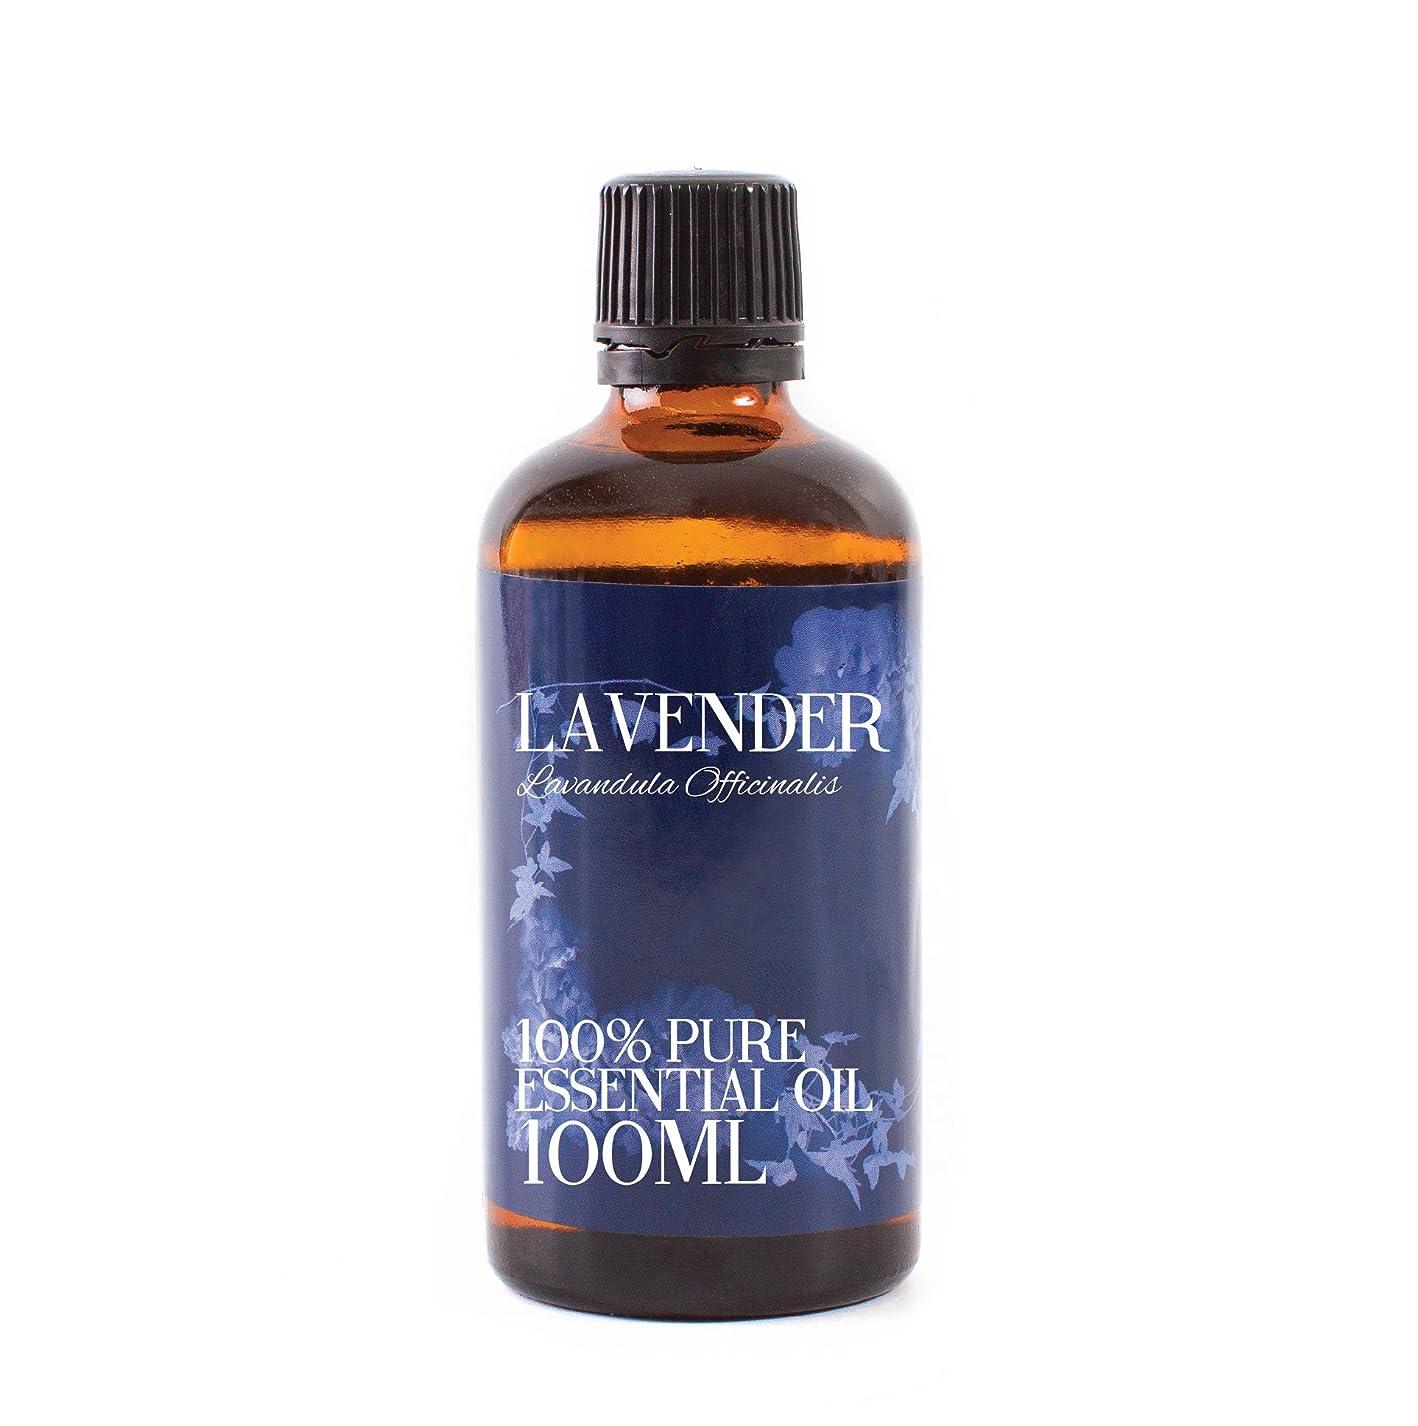 剃るリベラル宇宙船Mystic Moments | Lavender Essential Oil - 100ml - 100% Pure